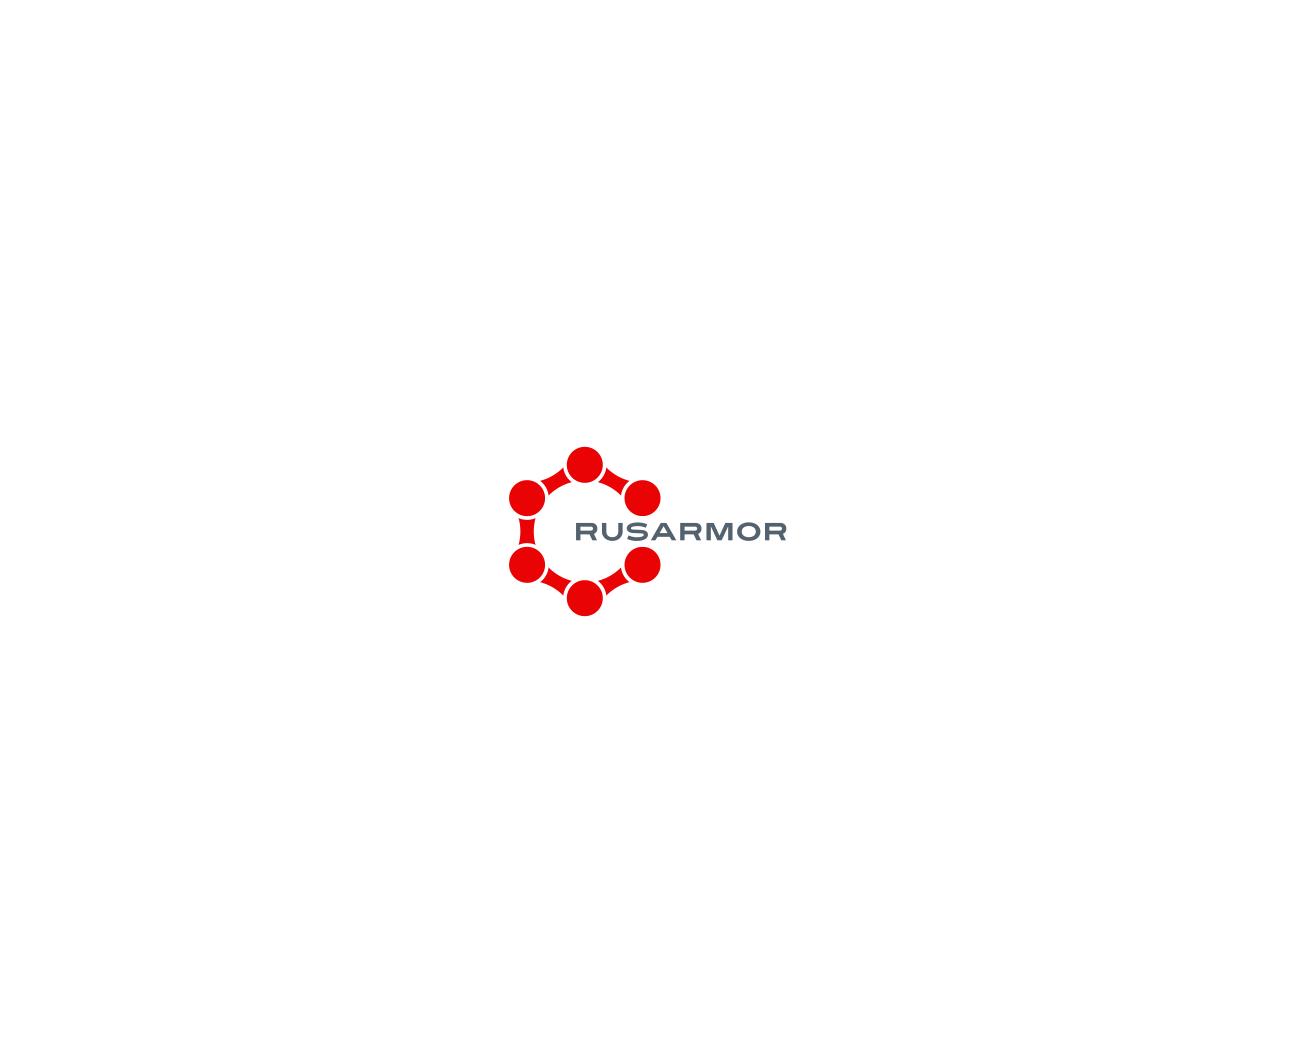 Разработка логотипа технологического стартапа РУСАРМОР фото f_3635a0e207308f62.png